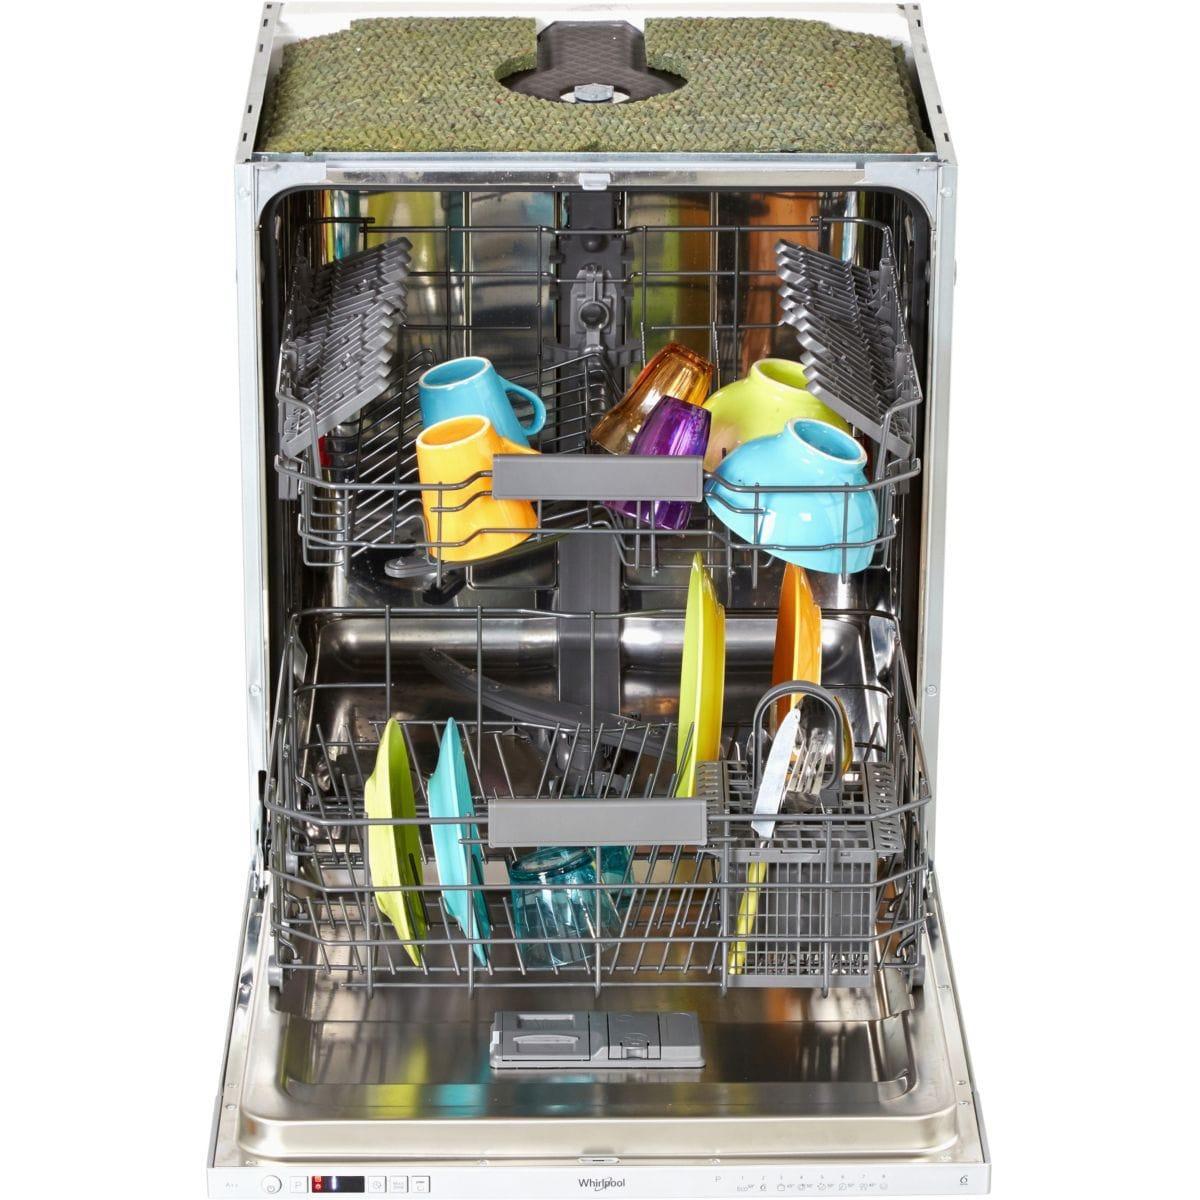 Lave-vaisselle encastrable 60 cm Whirlpool WKIC3C26 - 14 couverts